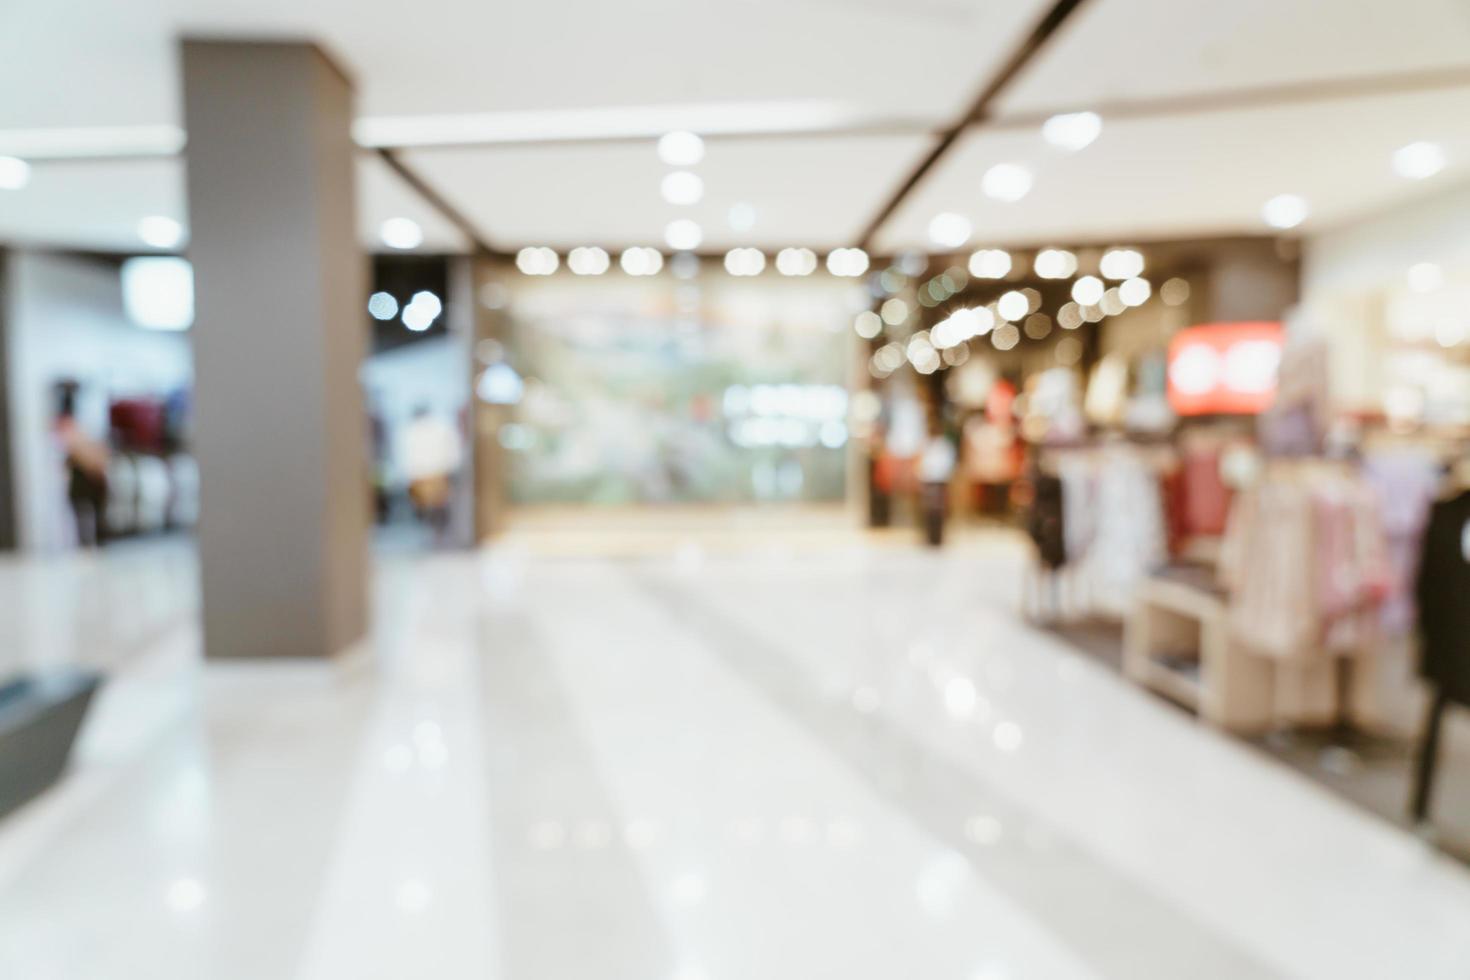 centre commercial de luxe flou abstrait et magasin de détail pour le fond photo